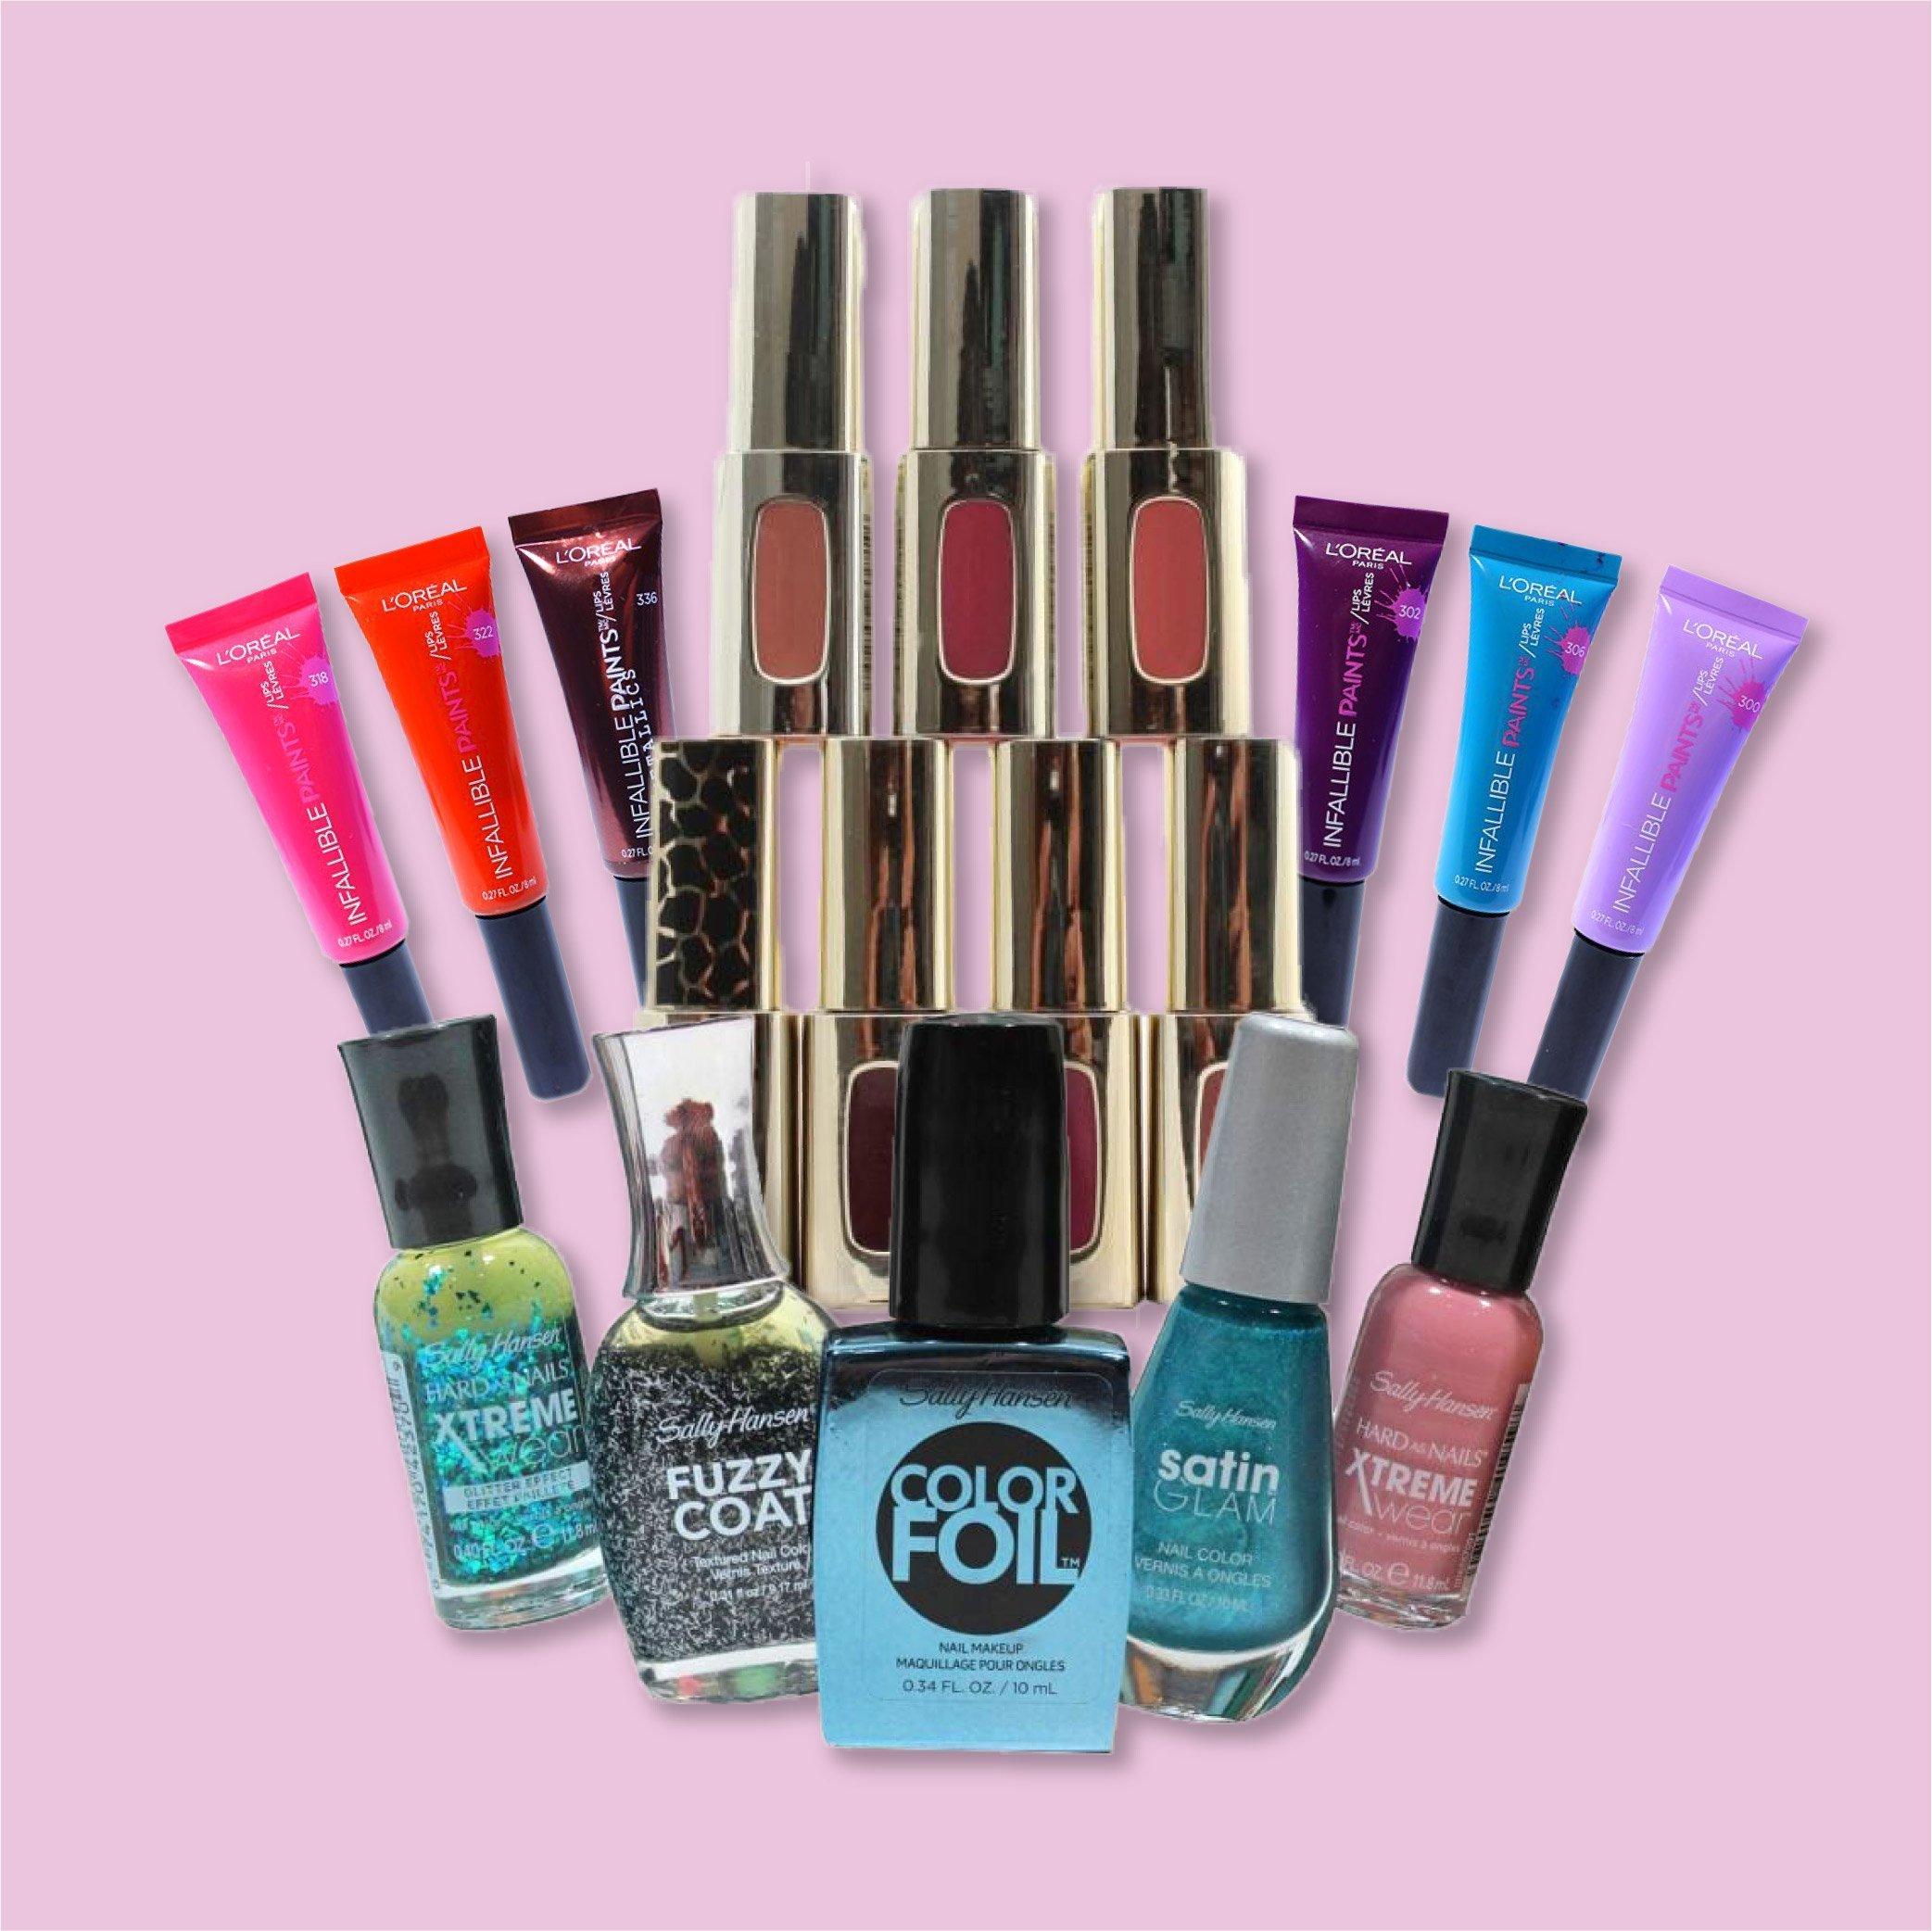 Una colección de pinturas infalibles de L'Oréal con cinco productos para uñas Sally Hansen y siete lápices labiales de L'Oréal